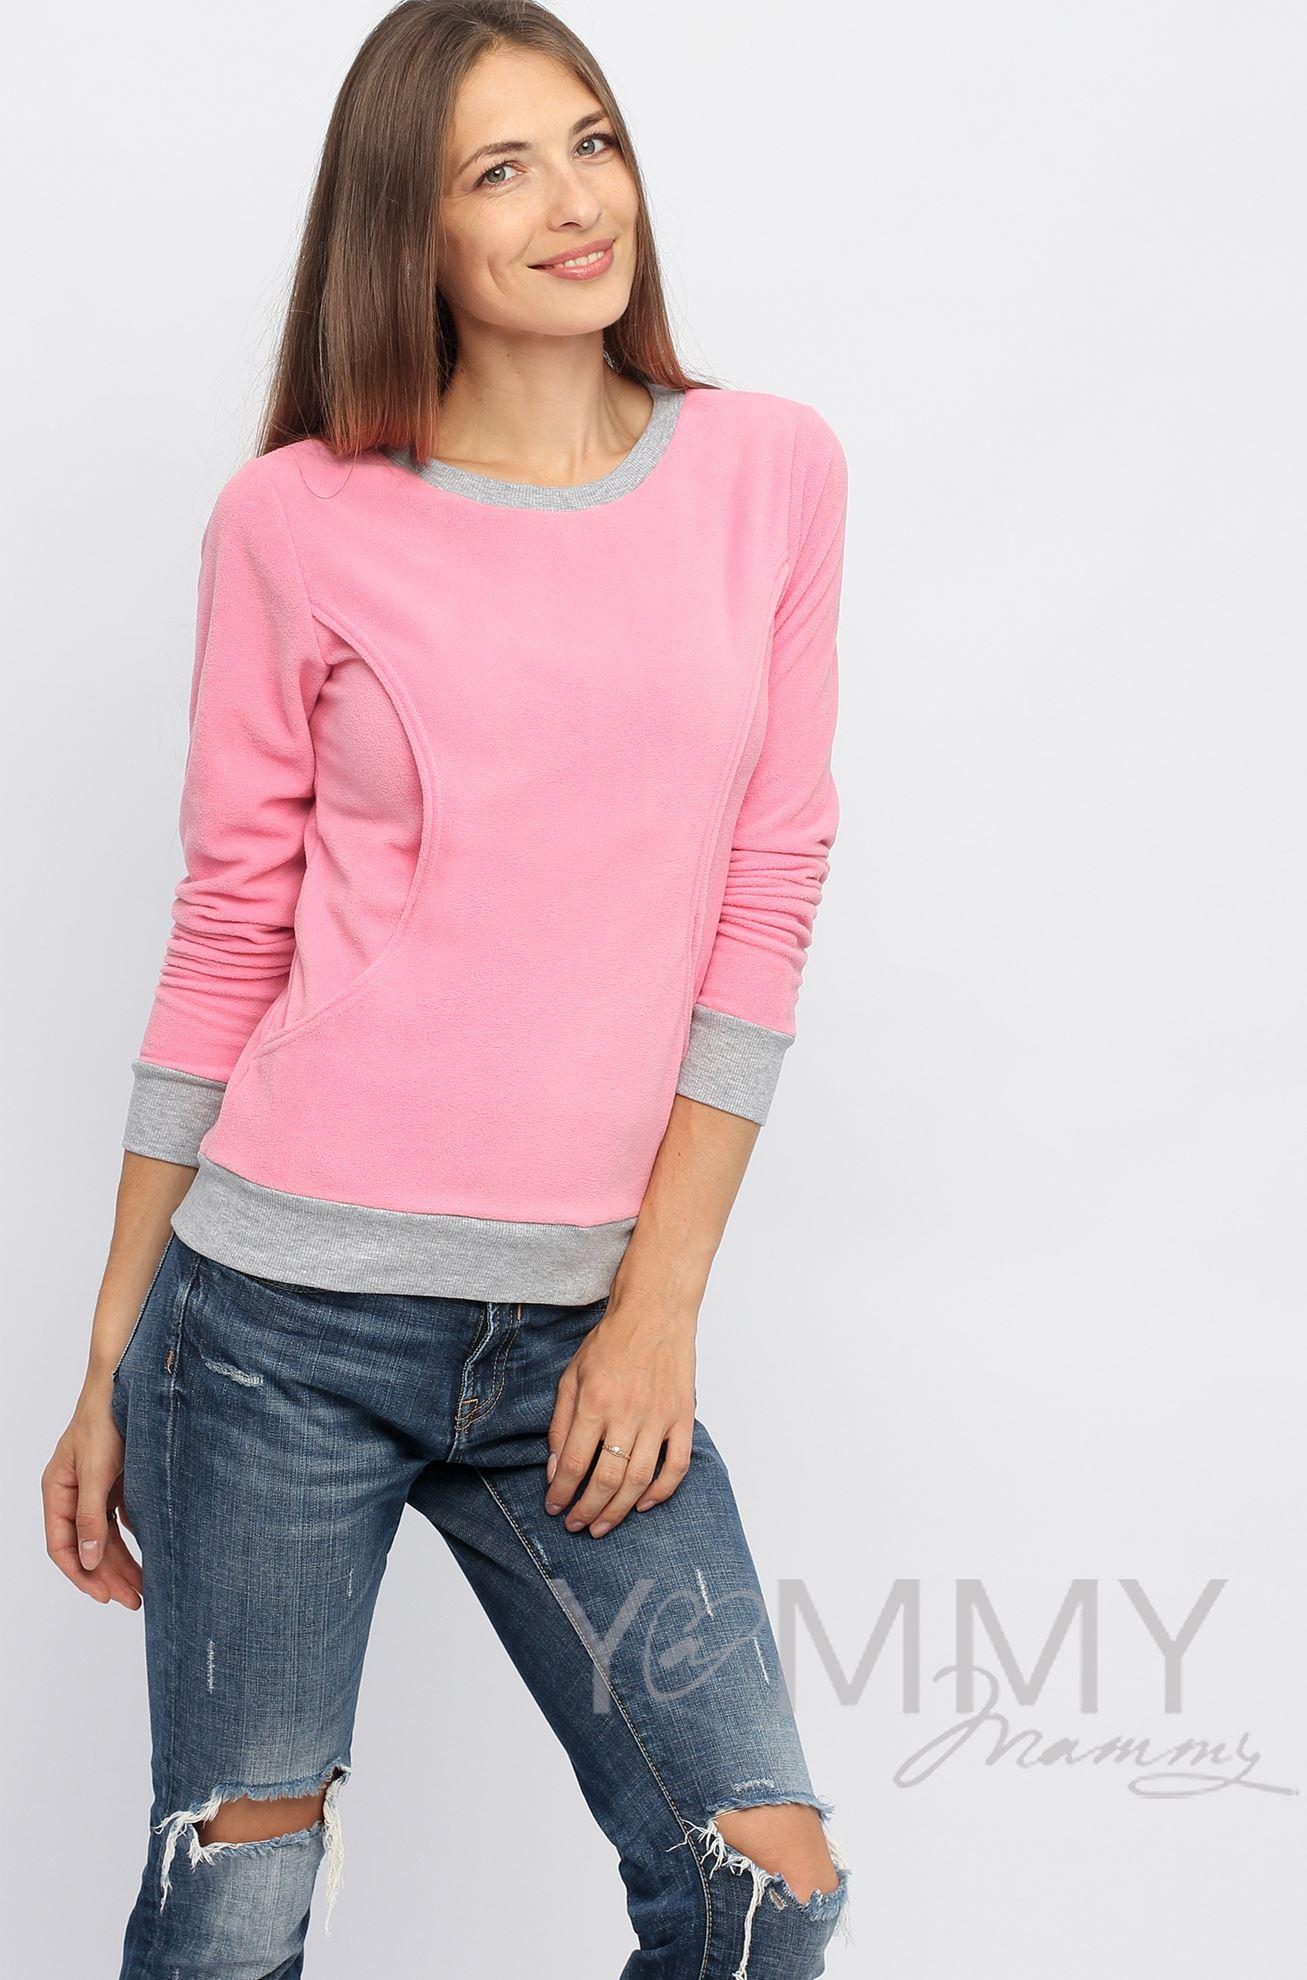 Изображение                               Джемпер флисовый розовый